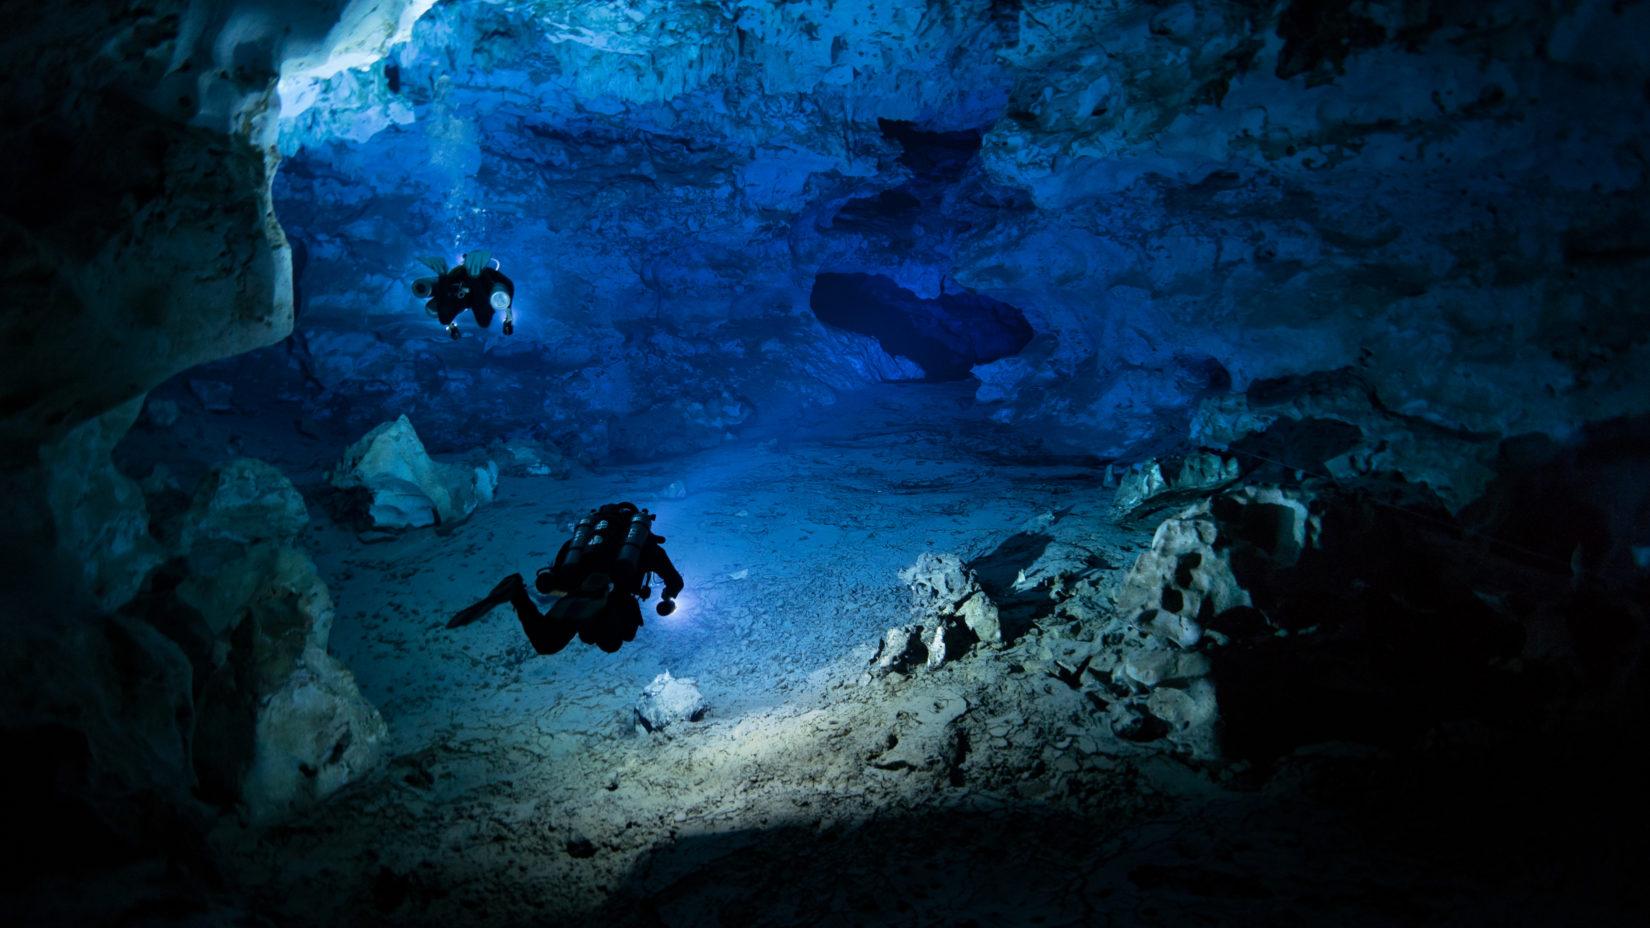 Bigblue dive lights blog madagascar cave diving association